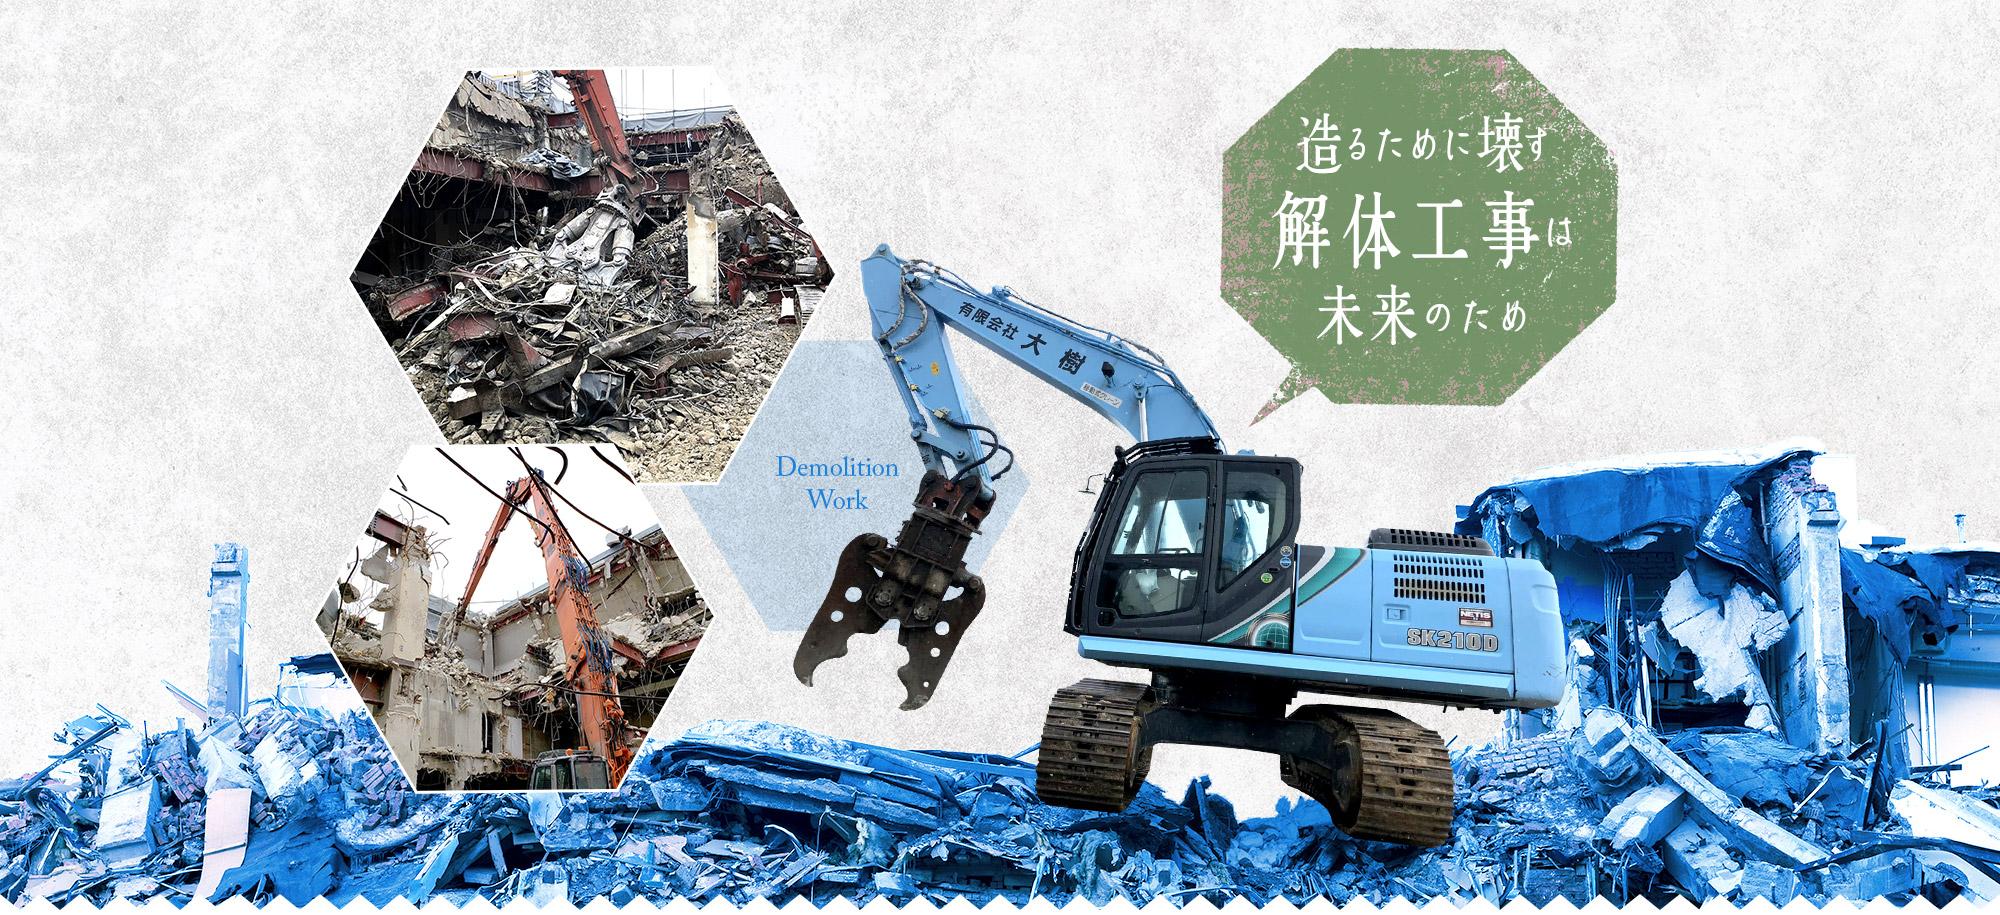 造るために壊す 解体工事は未来のため